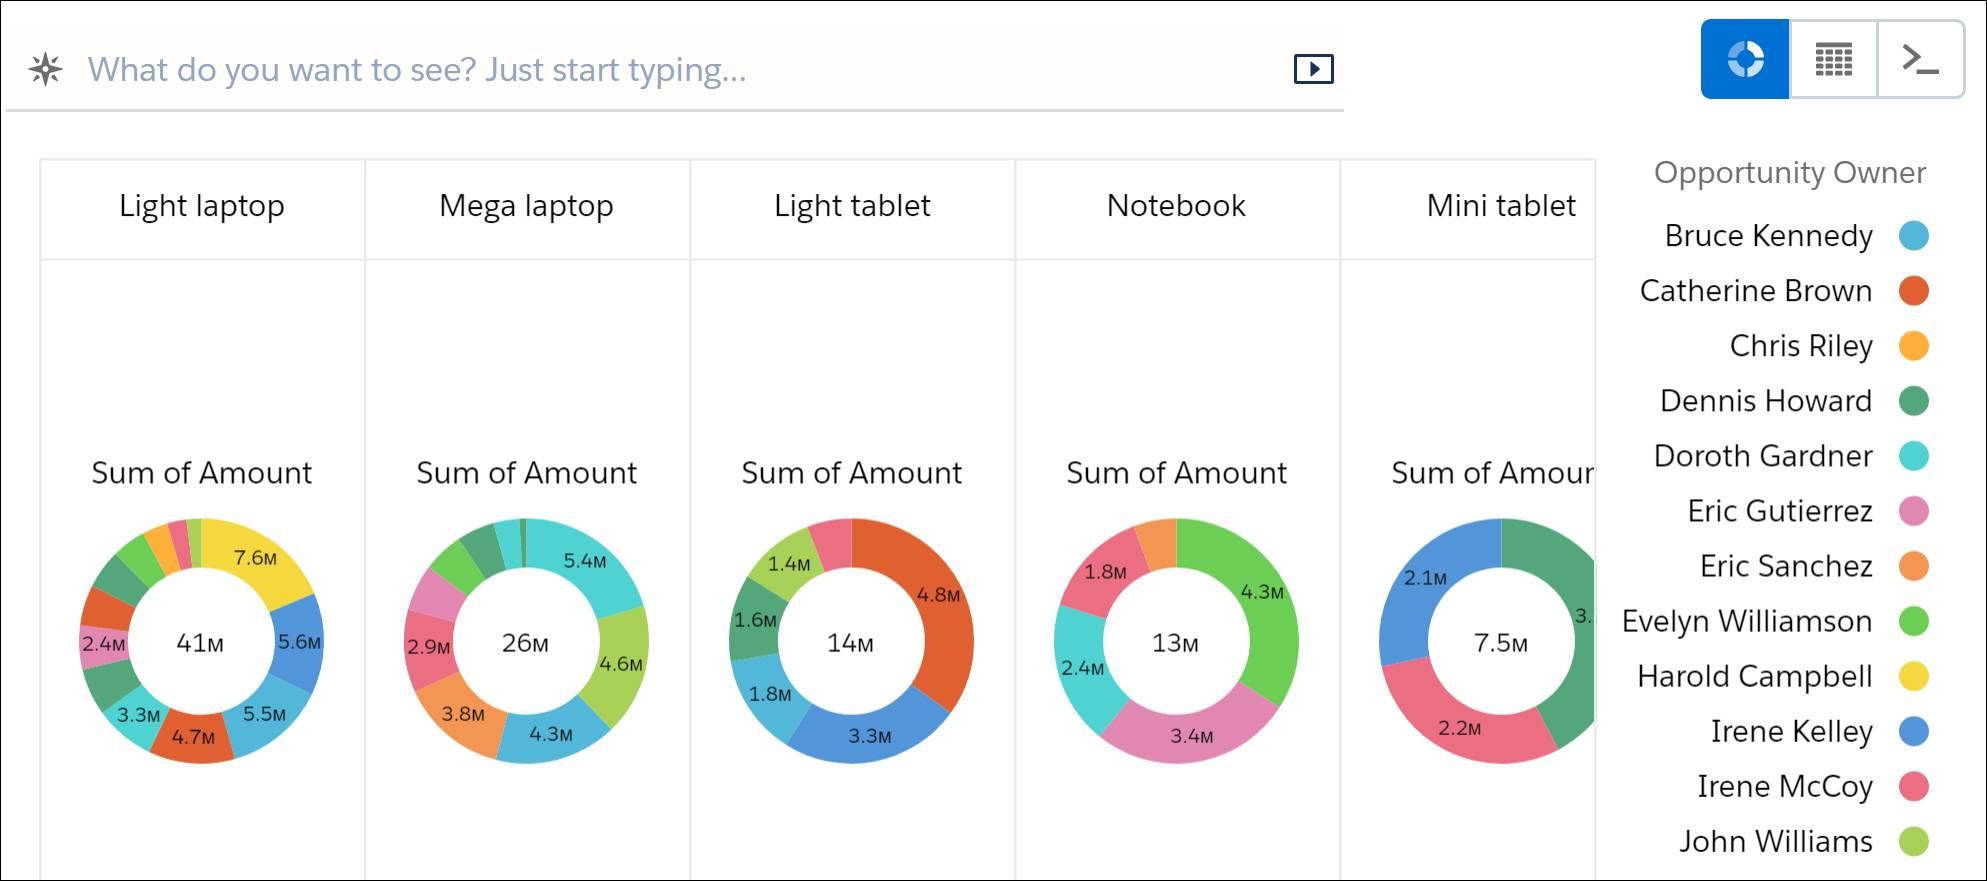 Com Nome do produto definido como o primeiro agrupamento, agora há uma série com um gráfico de anel para cada produto.